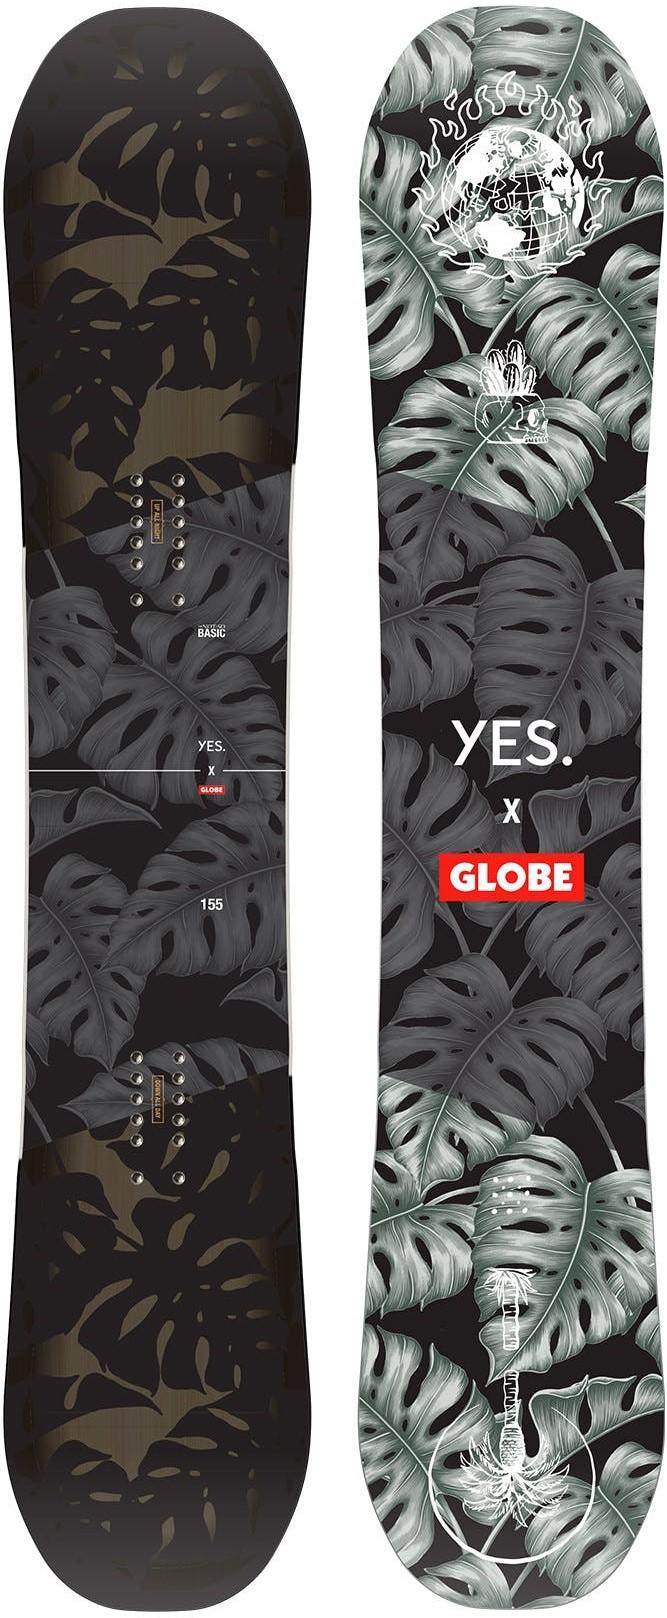 image yes-globe-nsb-jpg